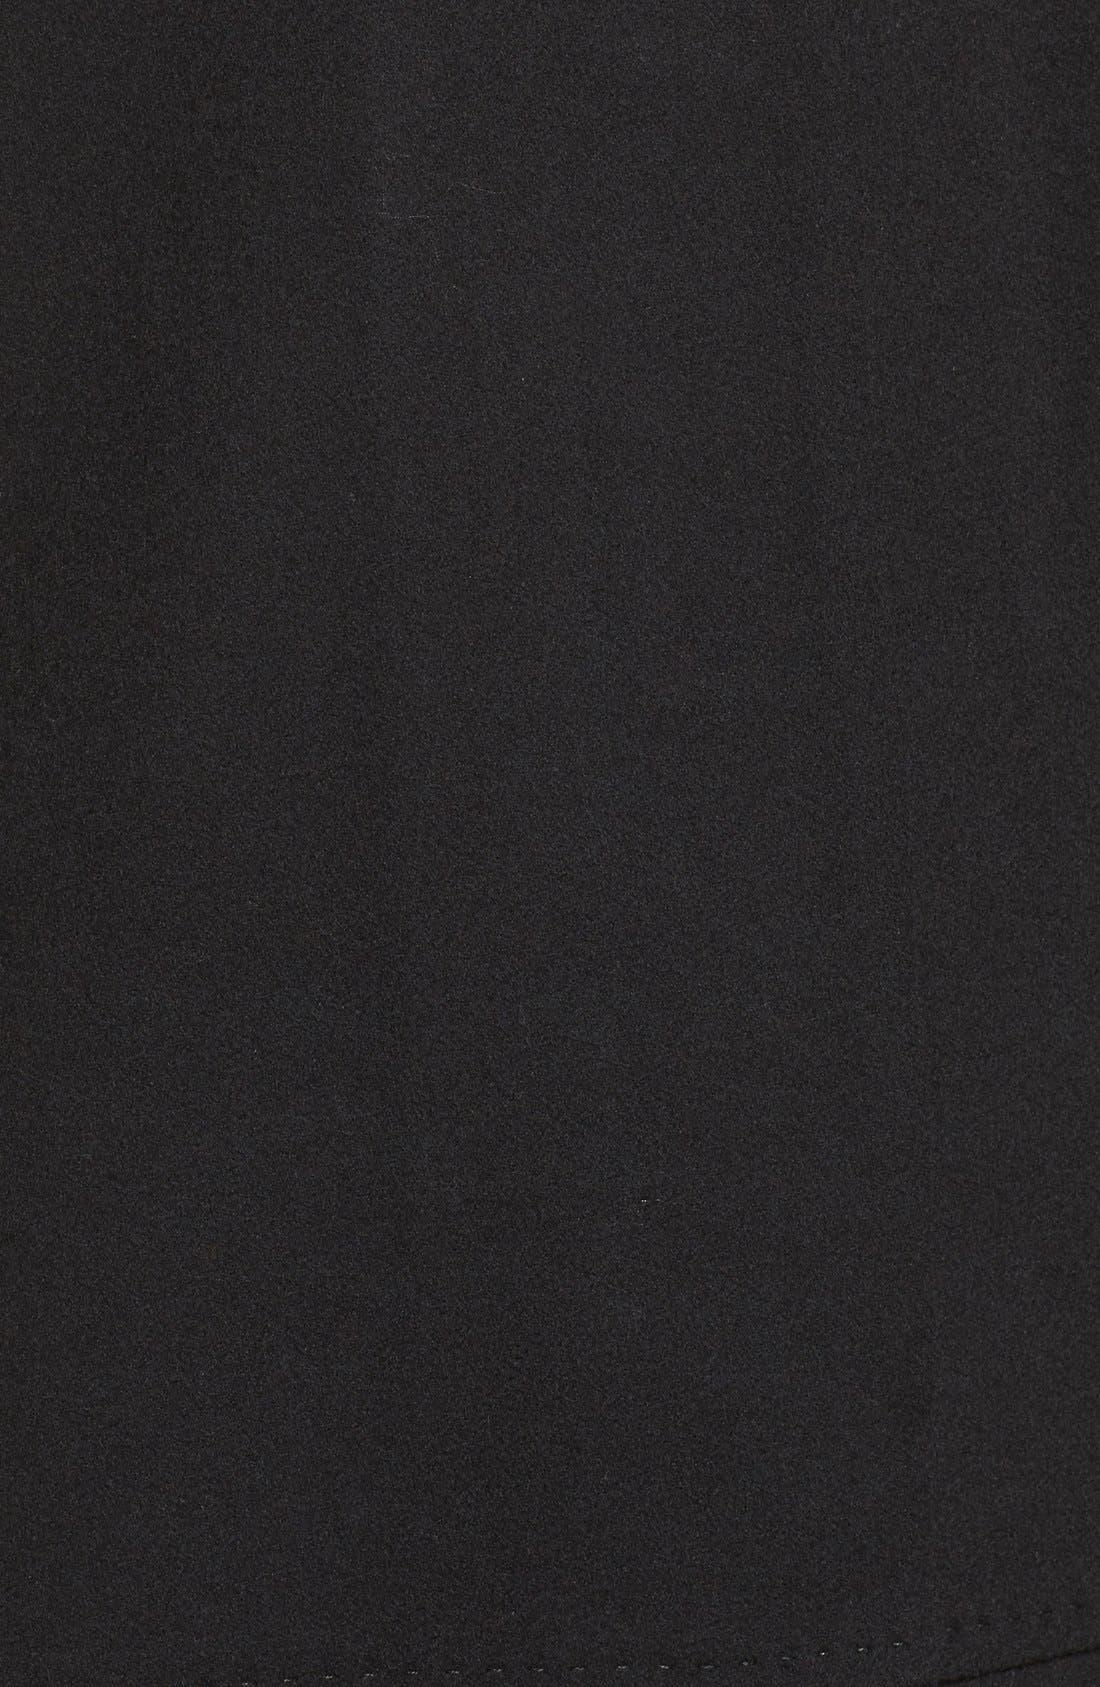 Loro Piana Wool Car Coat,                             Alternate thumbnail 5, color,                             001